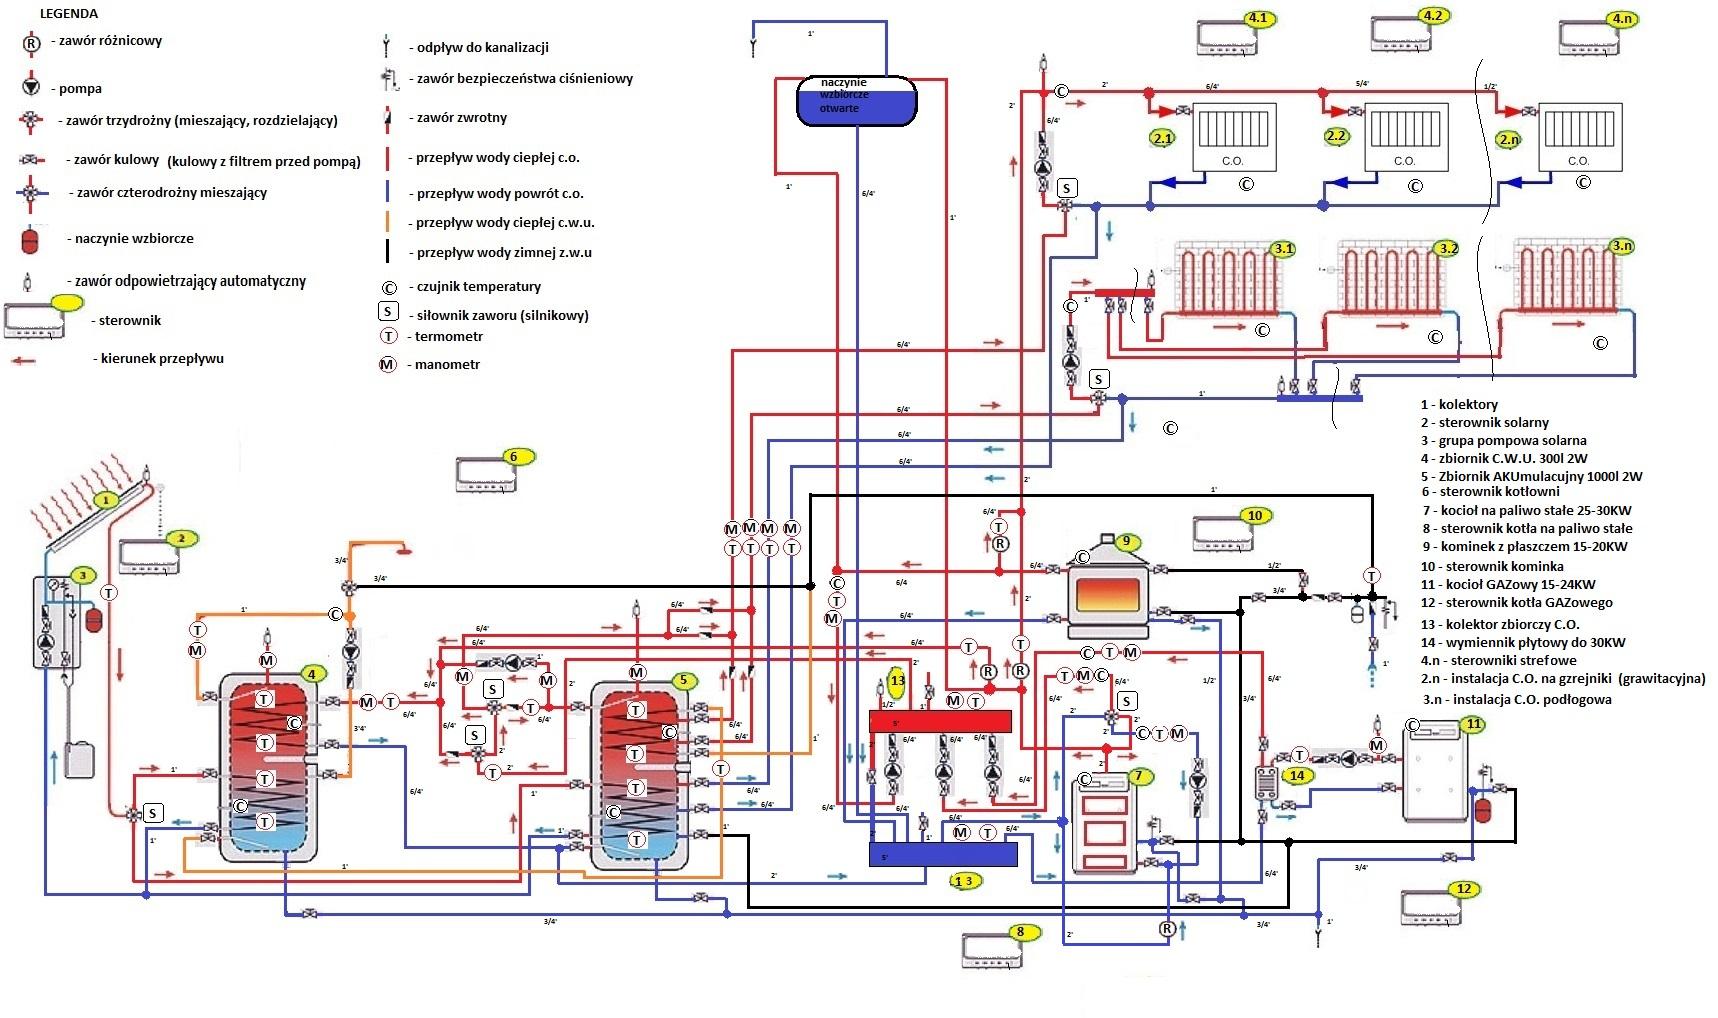 solary, kominek, kocio� c.o., kocio� gazowy, zbiornik akumulacyjny i CWU